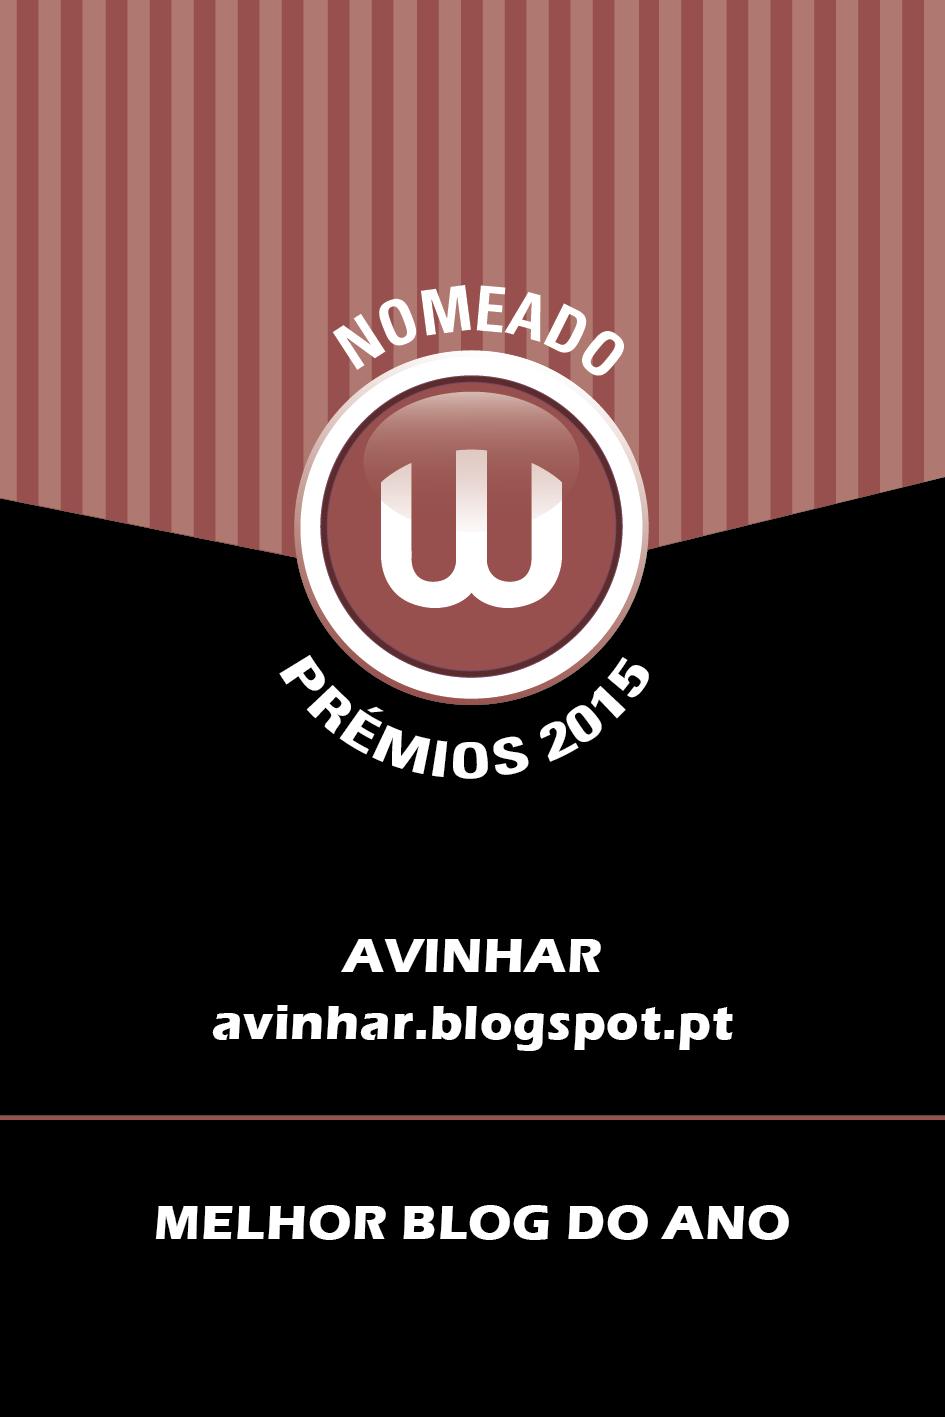 Prémios W 2015 - Nomeação Melhor Blog do Ano